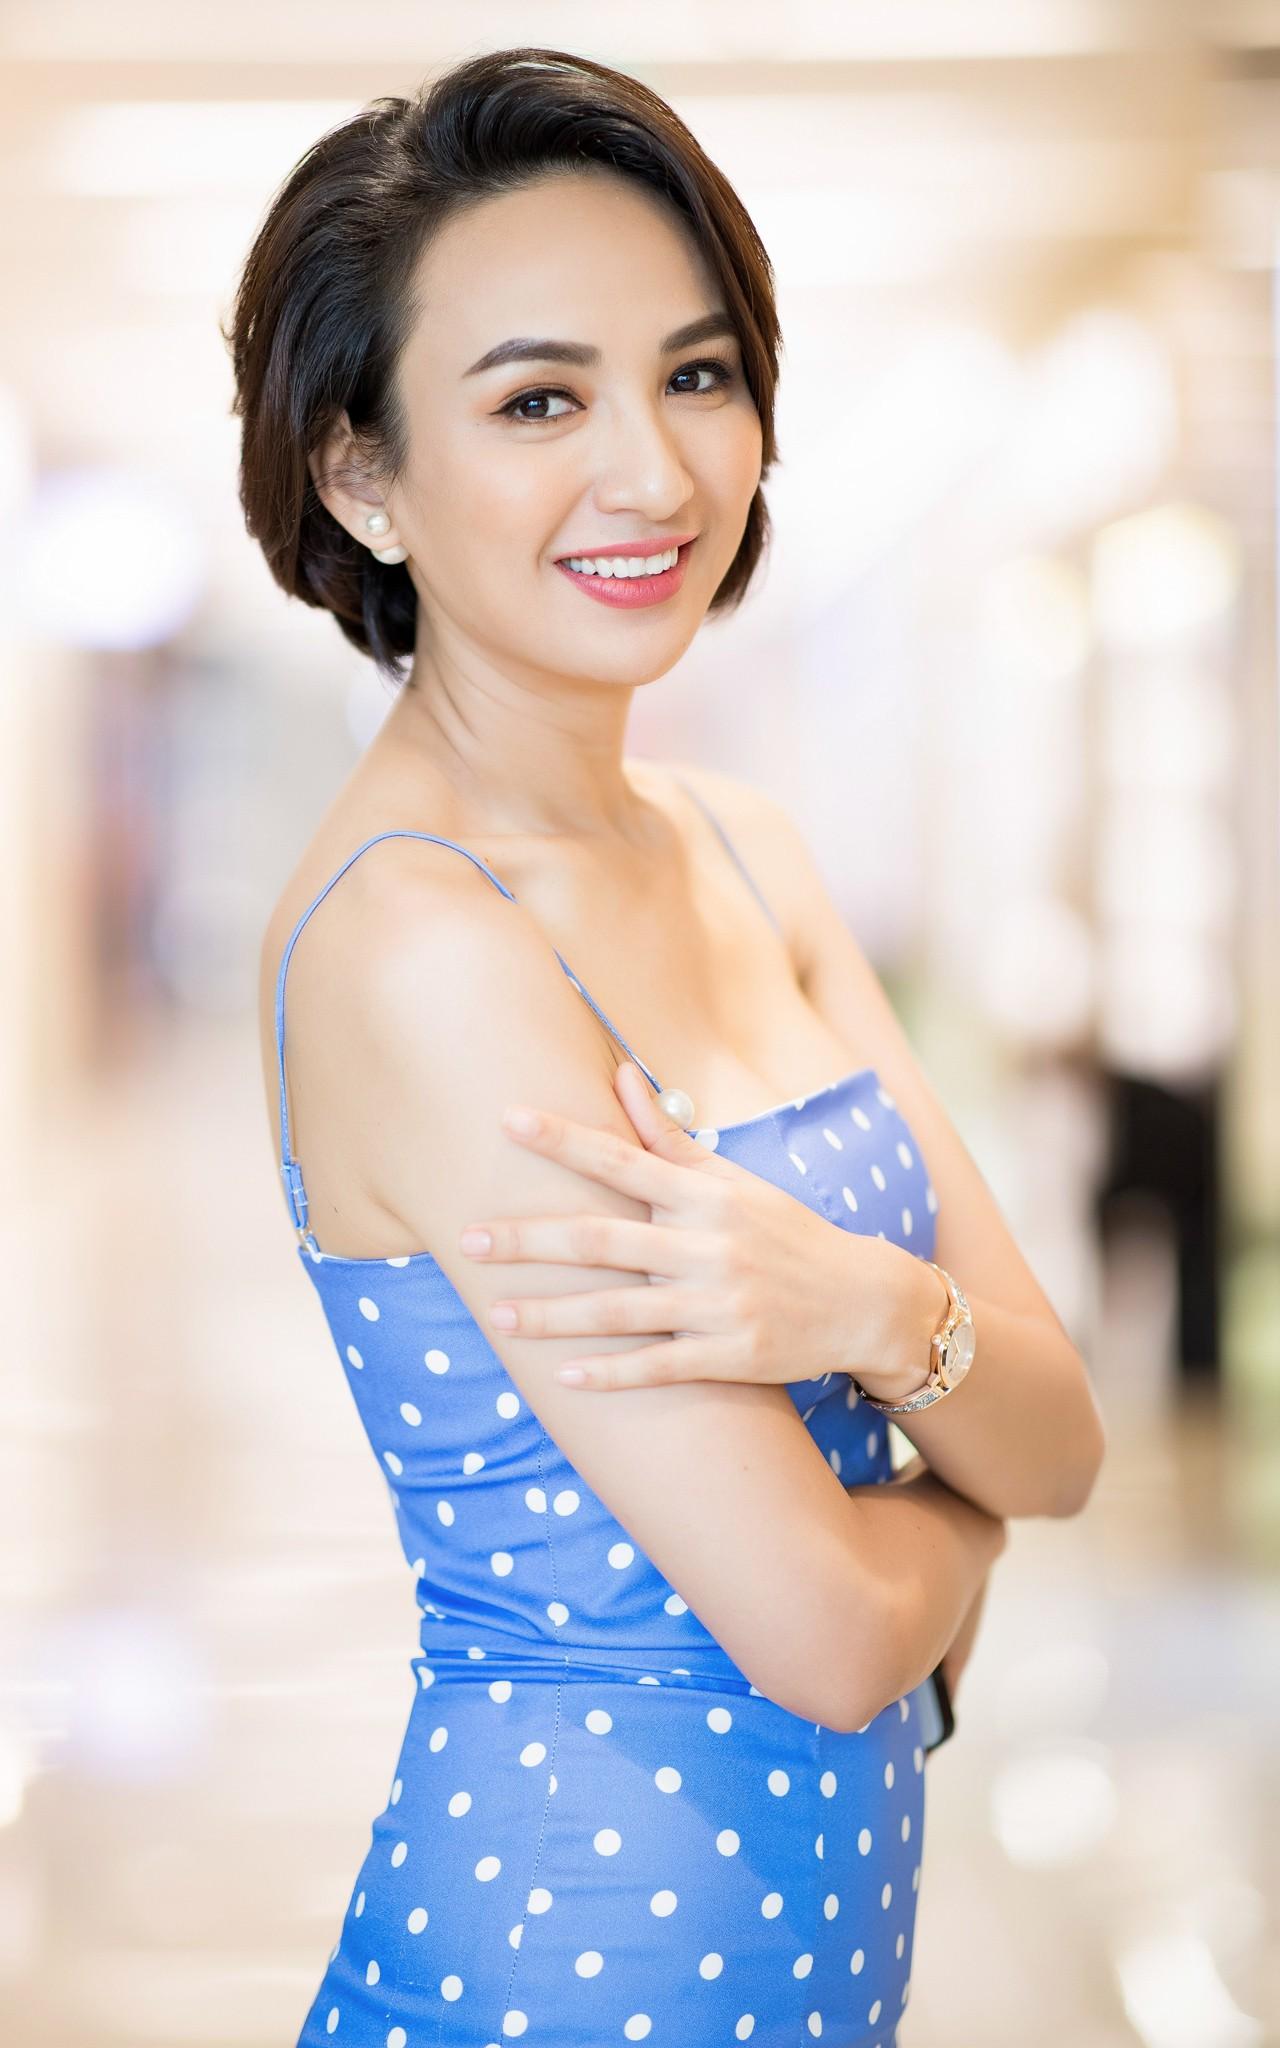 Hoa hậu Ngọc Diễm: Dùng bé gái 13 tuổi đóng cảnh nóng là không phù hợp, không nhân văn - Ảnh 1.